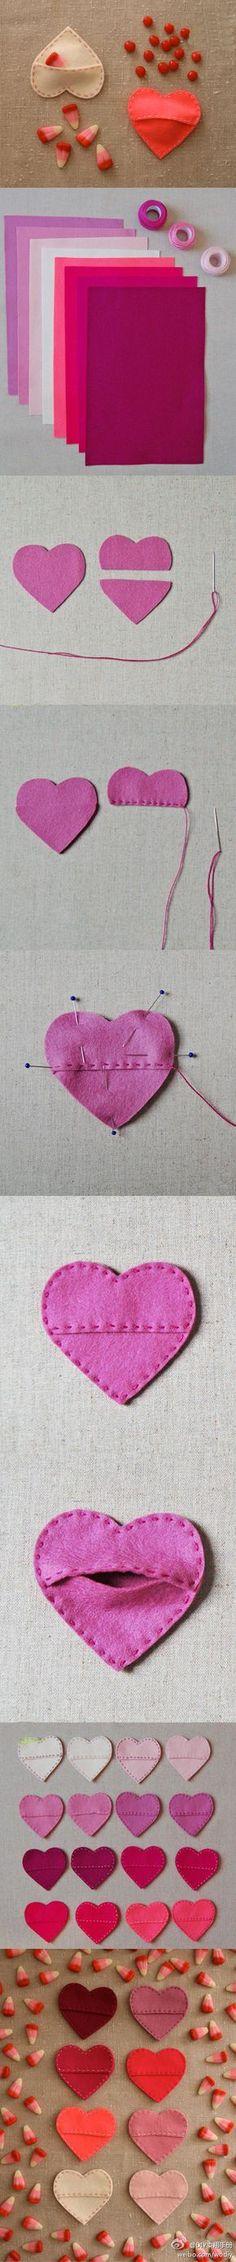 Não-tecido de embalagens de doces em forma de coração amor útil